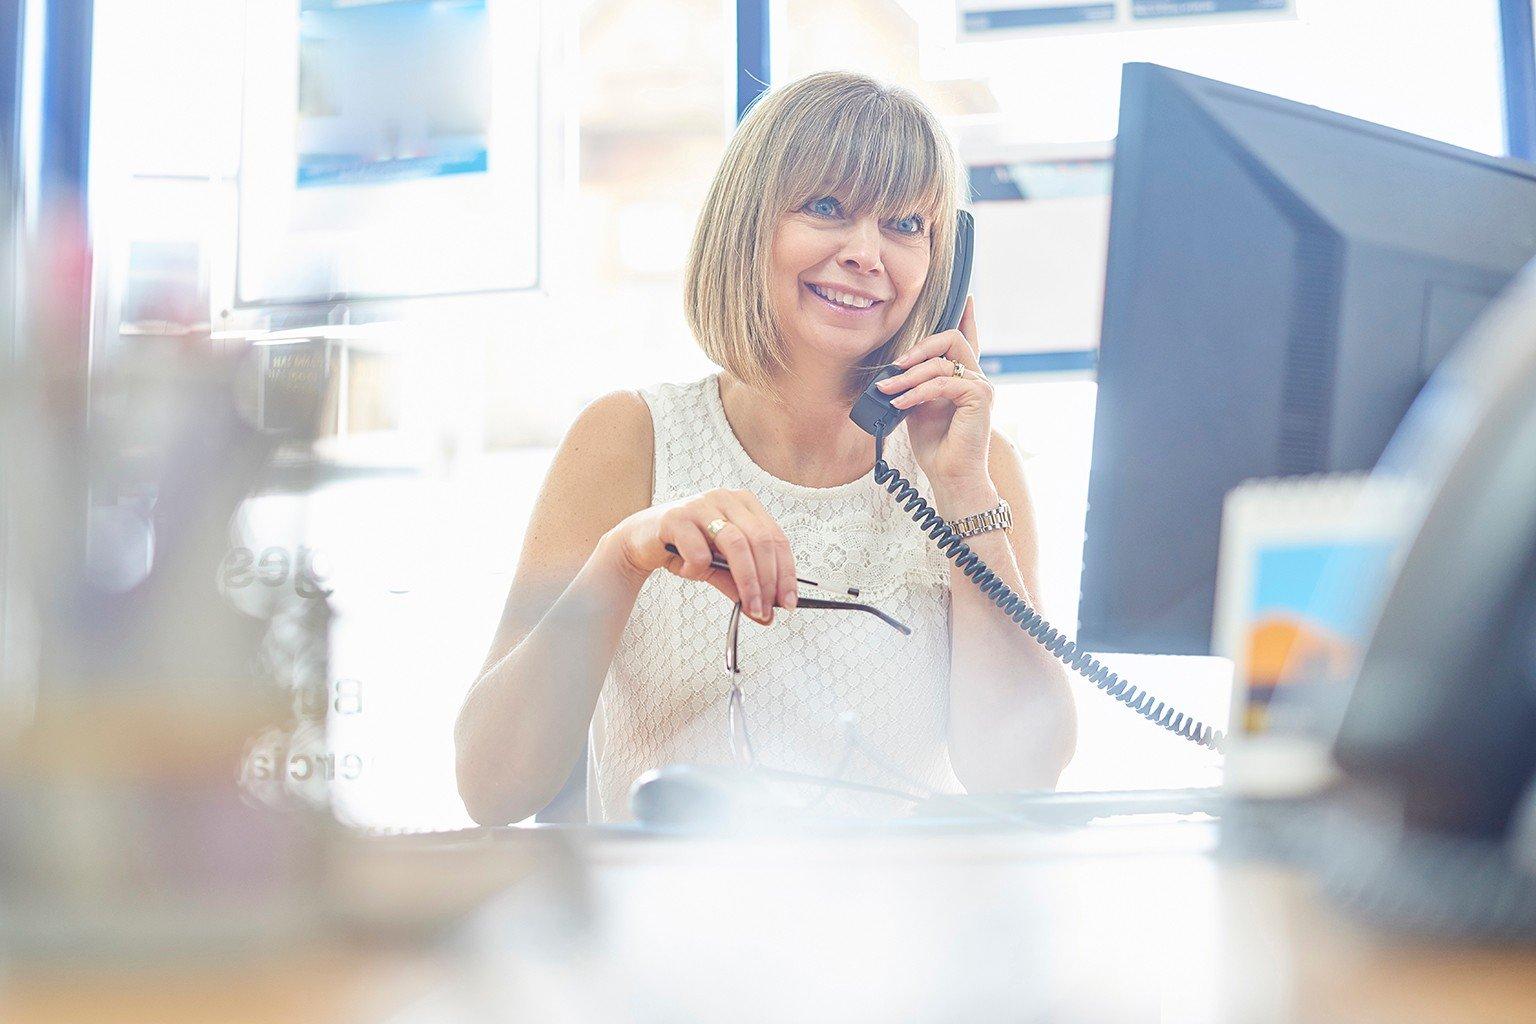 Kvinna på juristbyrå talar i telefon